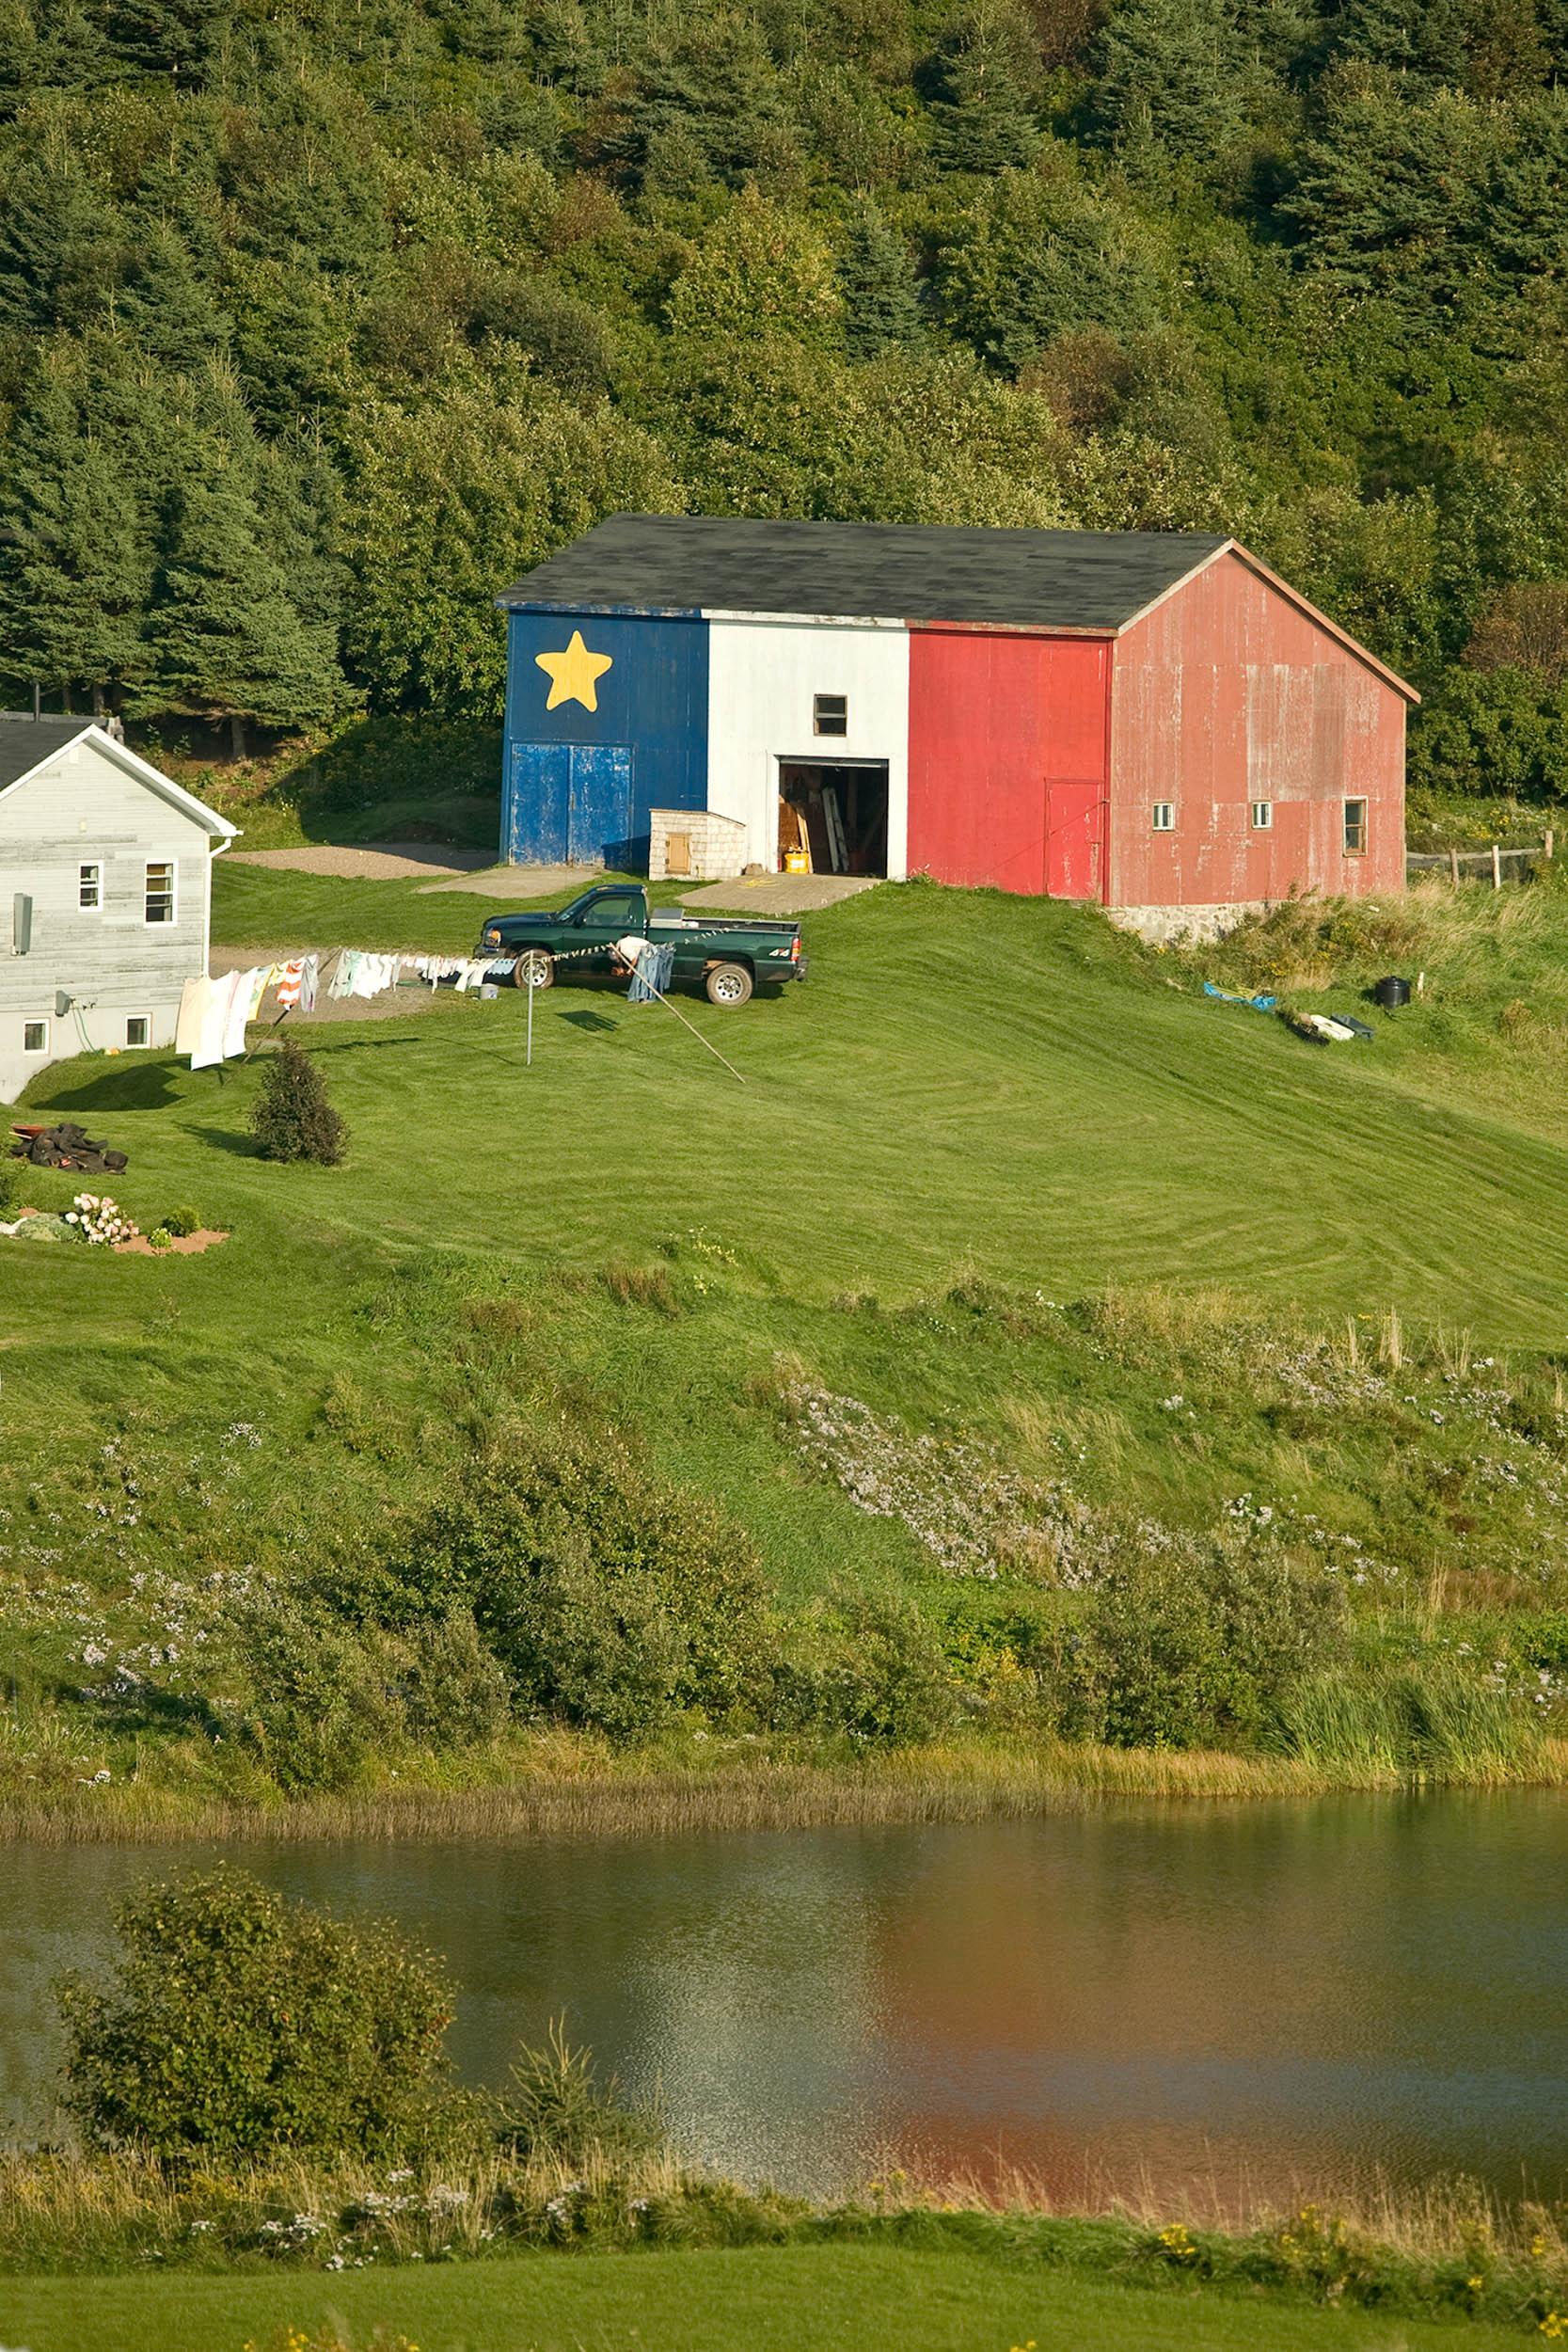 Cape_Breton_Barn2_PRWF.jpg